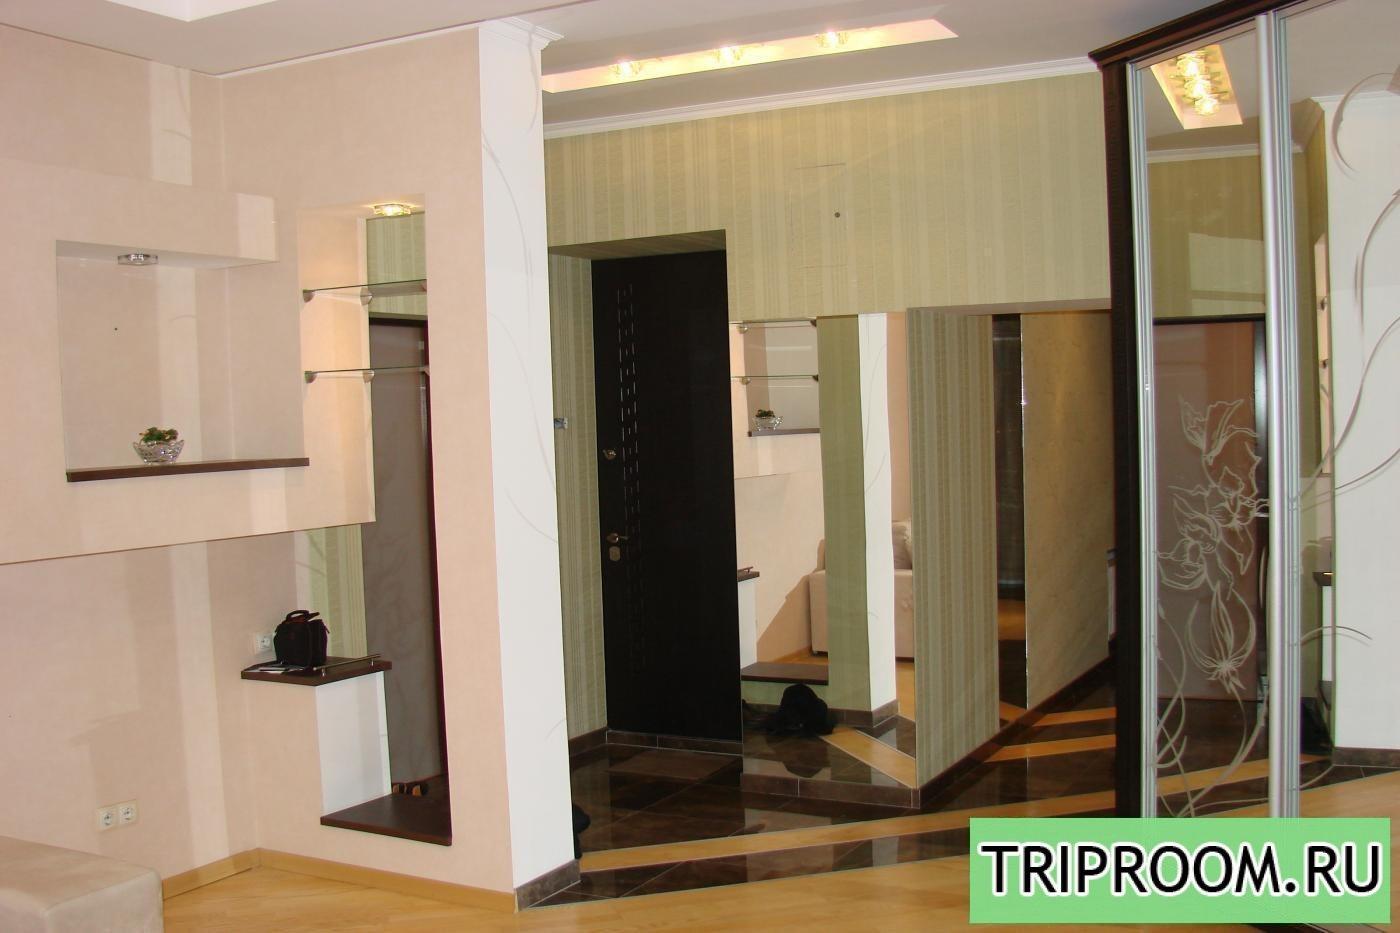 2-комнатная квартира посуточно (вариант № 2247), ул. Большая Морская улица, фото № 1